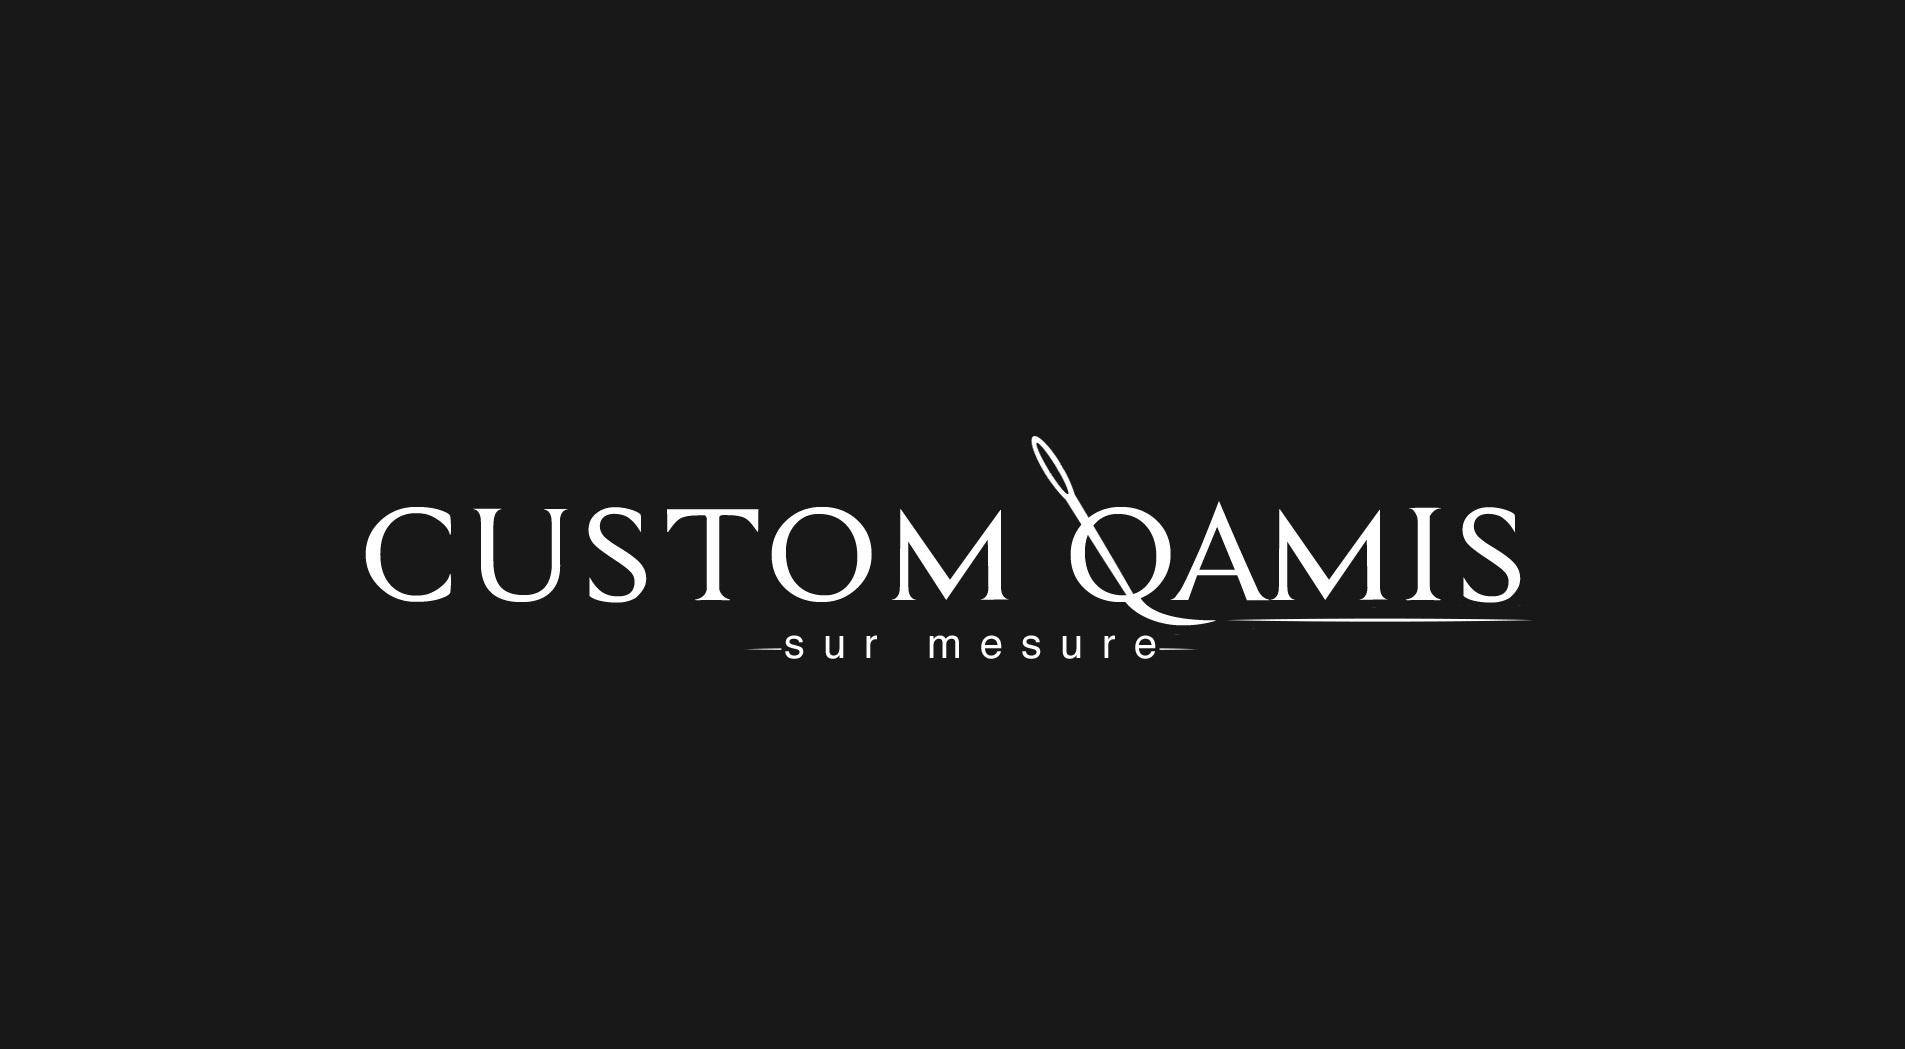 Custom Qamis, sur mesure